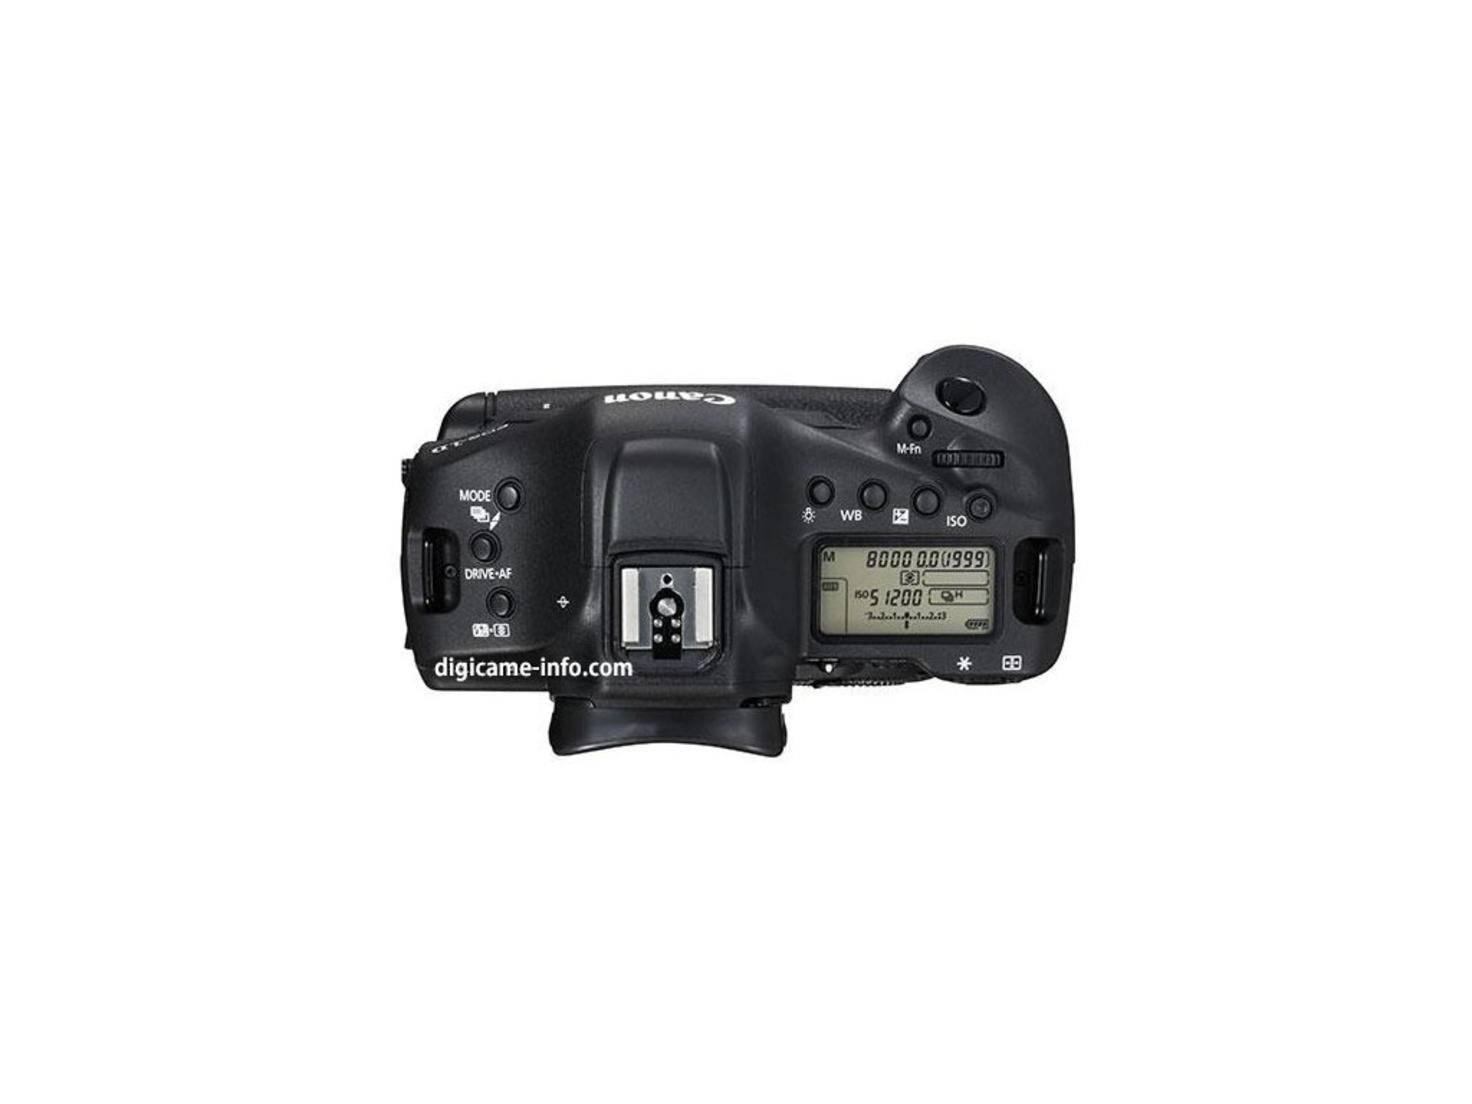 Schon vor der offiziellen Ankündigung gibt es Bilder von der neuen EOS-1D X.